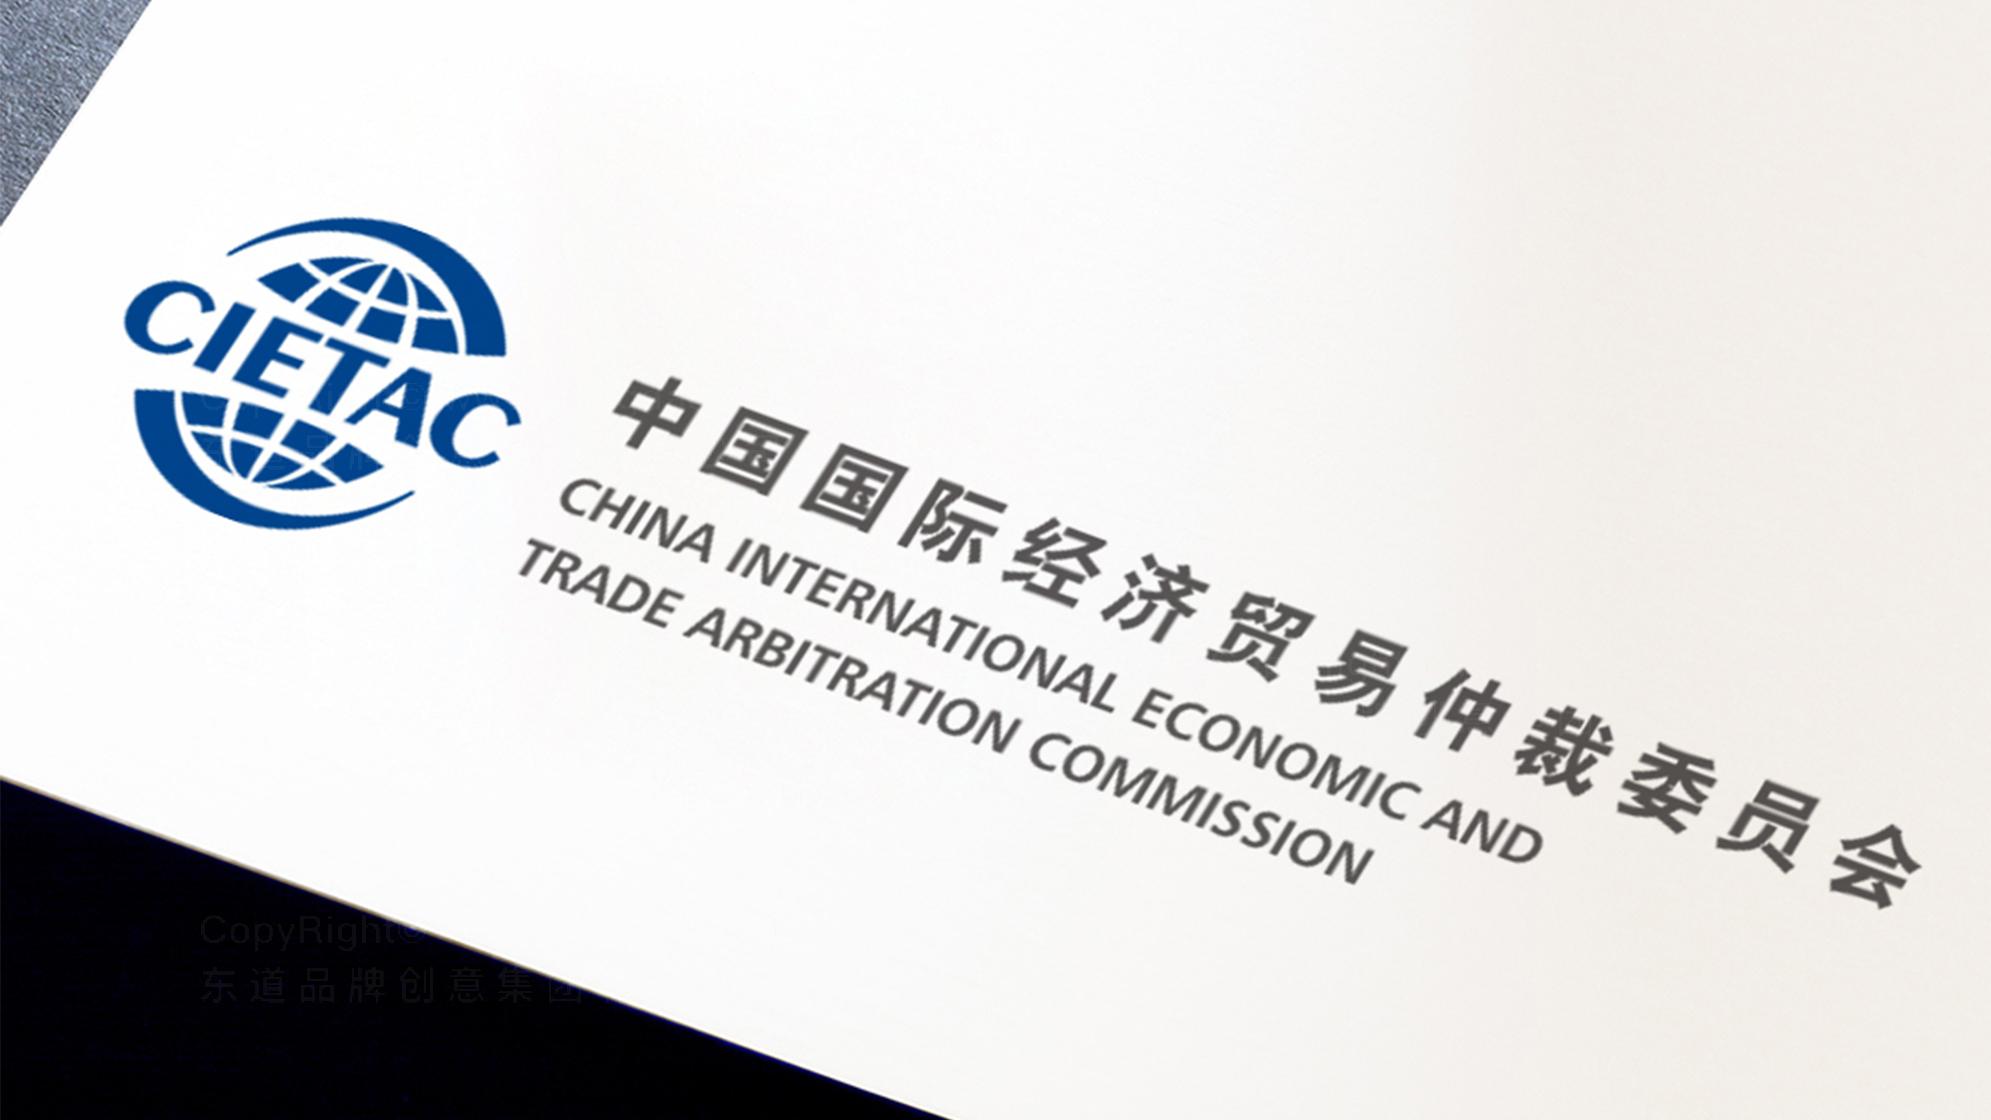 品牌设计经济贸易仲裁委员会标志设计应用场景_1